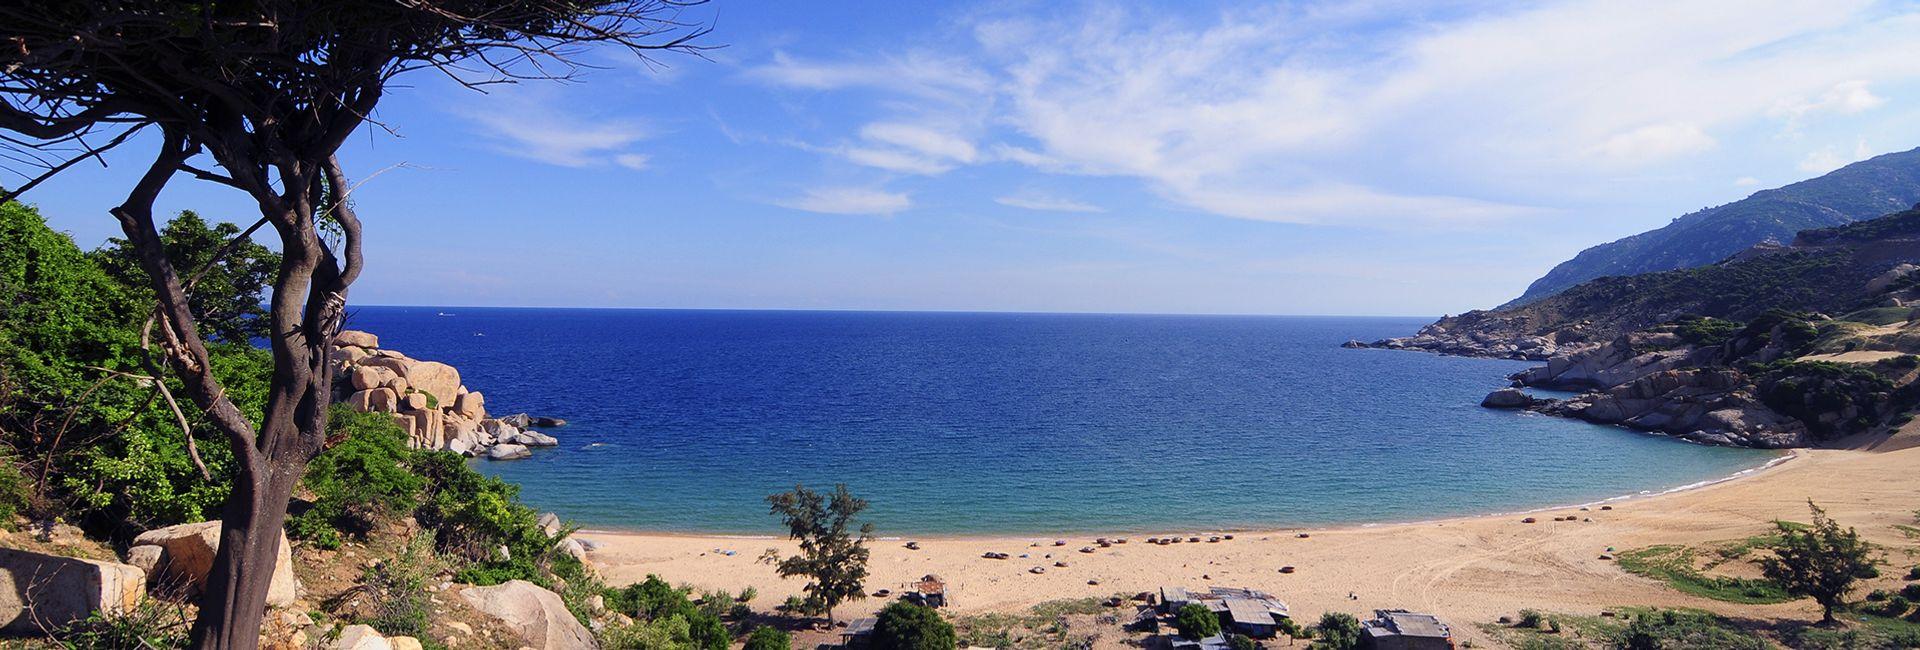 Khám phá Mũi Dinh - Ninh Thuận: kinh nghiệm du lịch từ A - Z